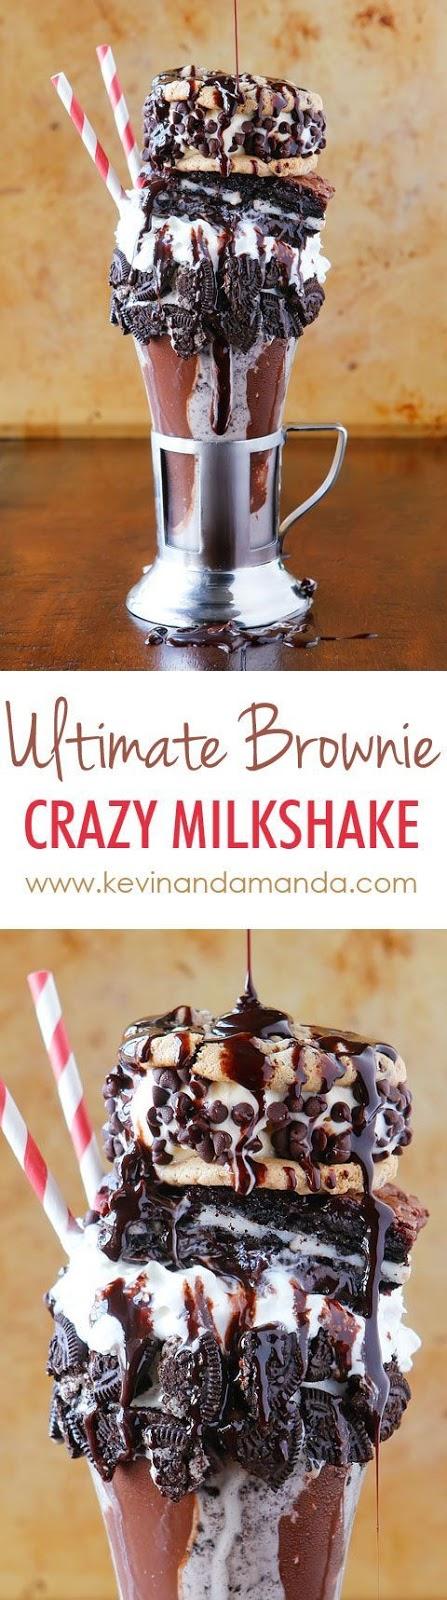 The Ultimate Brownie Crazy Milkshake!!!